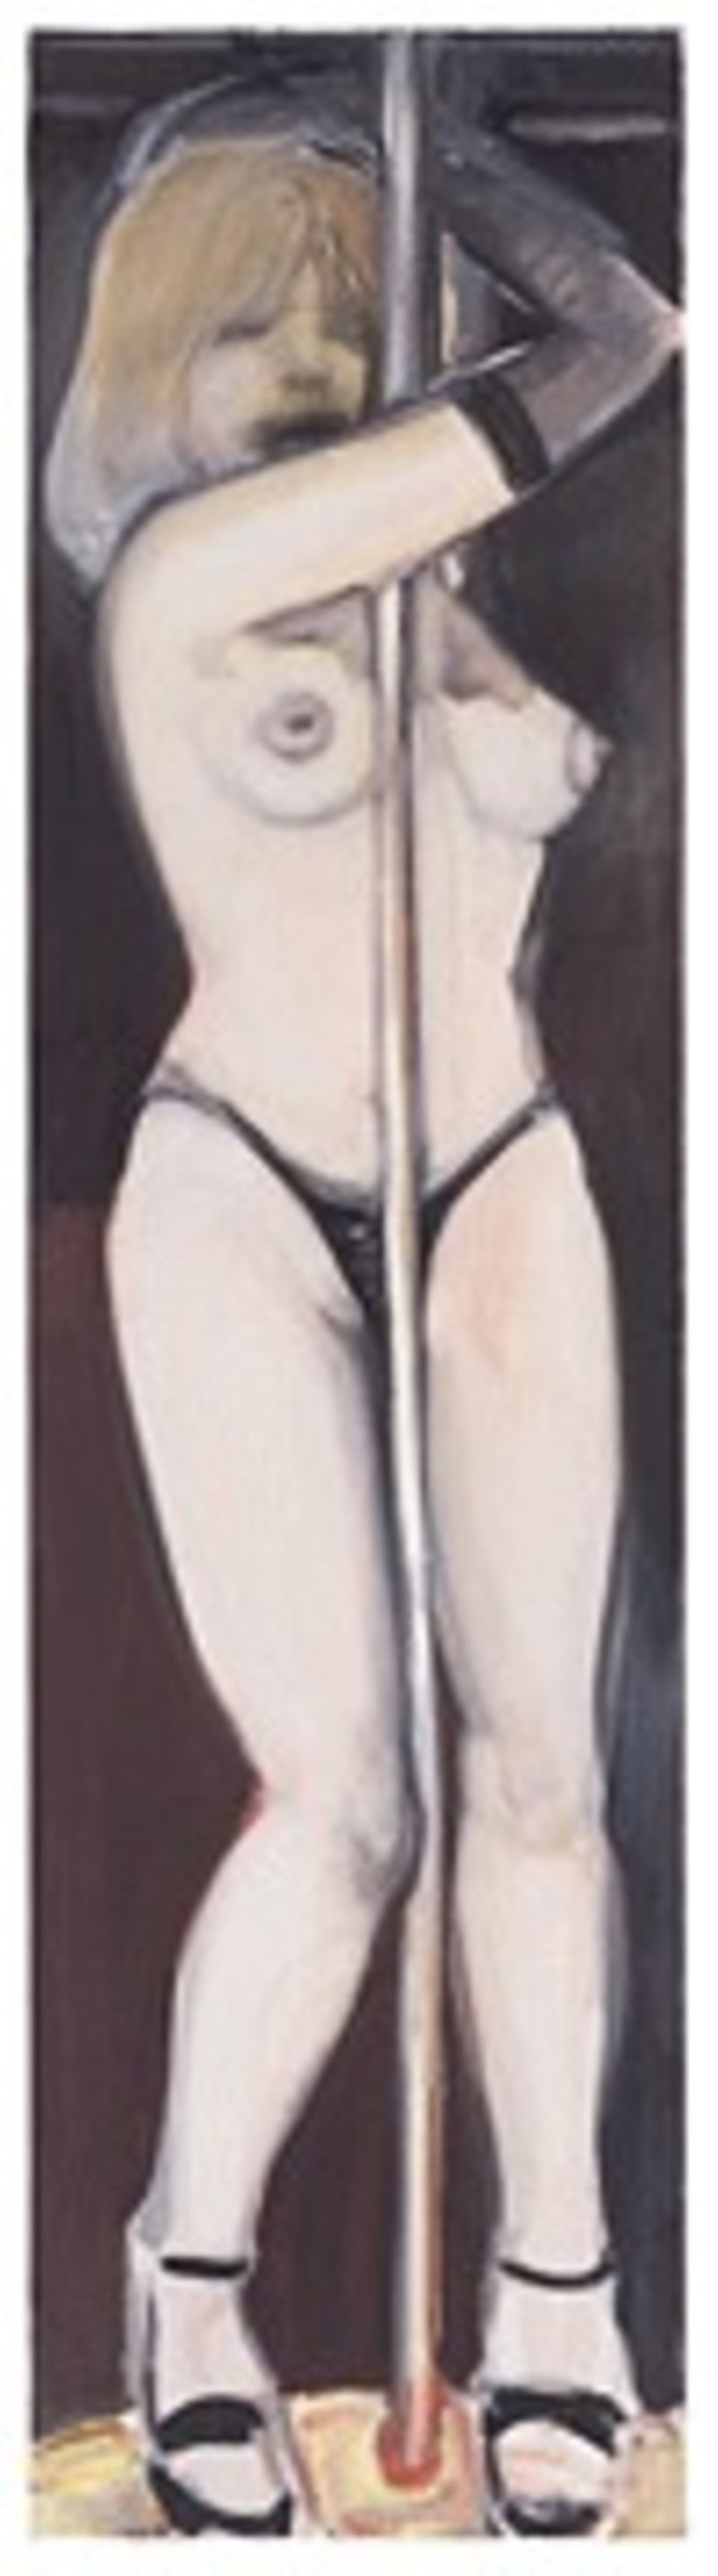 Marlene Dumas: Caressing the Pole (2000)